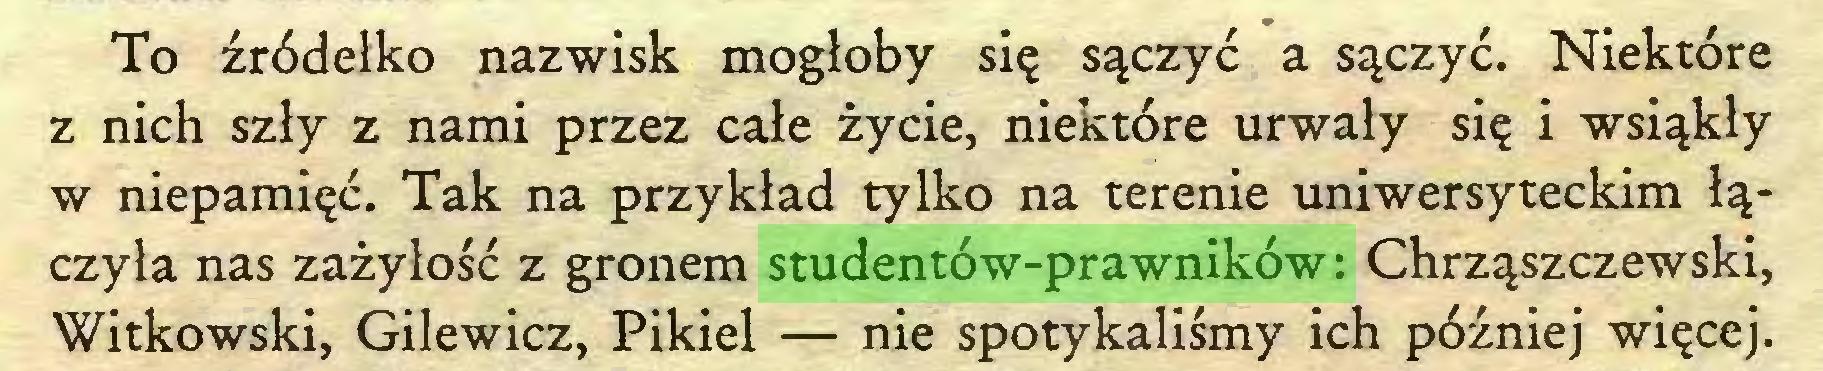 (...) To źródełko nazwisk mogłoby się sączyć a sączyć. Niektóre z nich szły z nami przez całe życie, niektóre urwały się i wsiąkły w niepamięć. Tak na przykład tylko na terenie uniwersyteckim łączyła nas zażyłość z gronem studentów-prawników: Chrząszczewski, Witkowski, Gilewicz, Pikiel — nie spotykaliśmy ich później więcej...